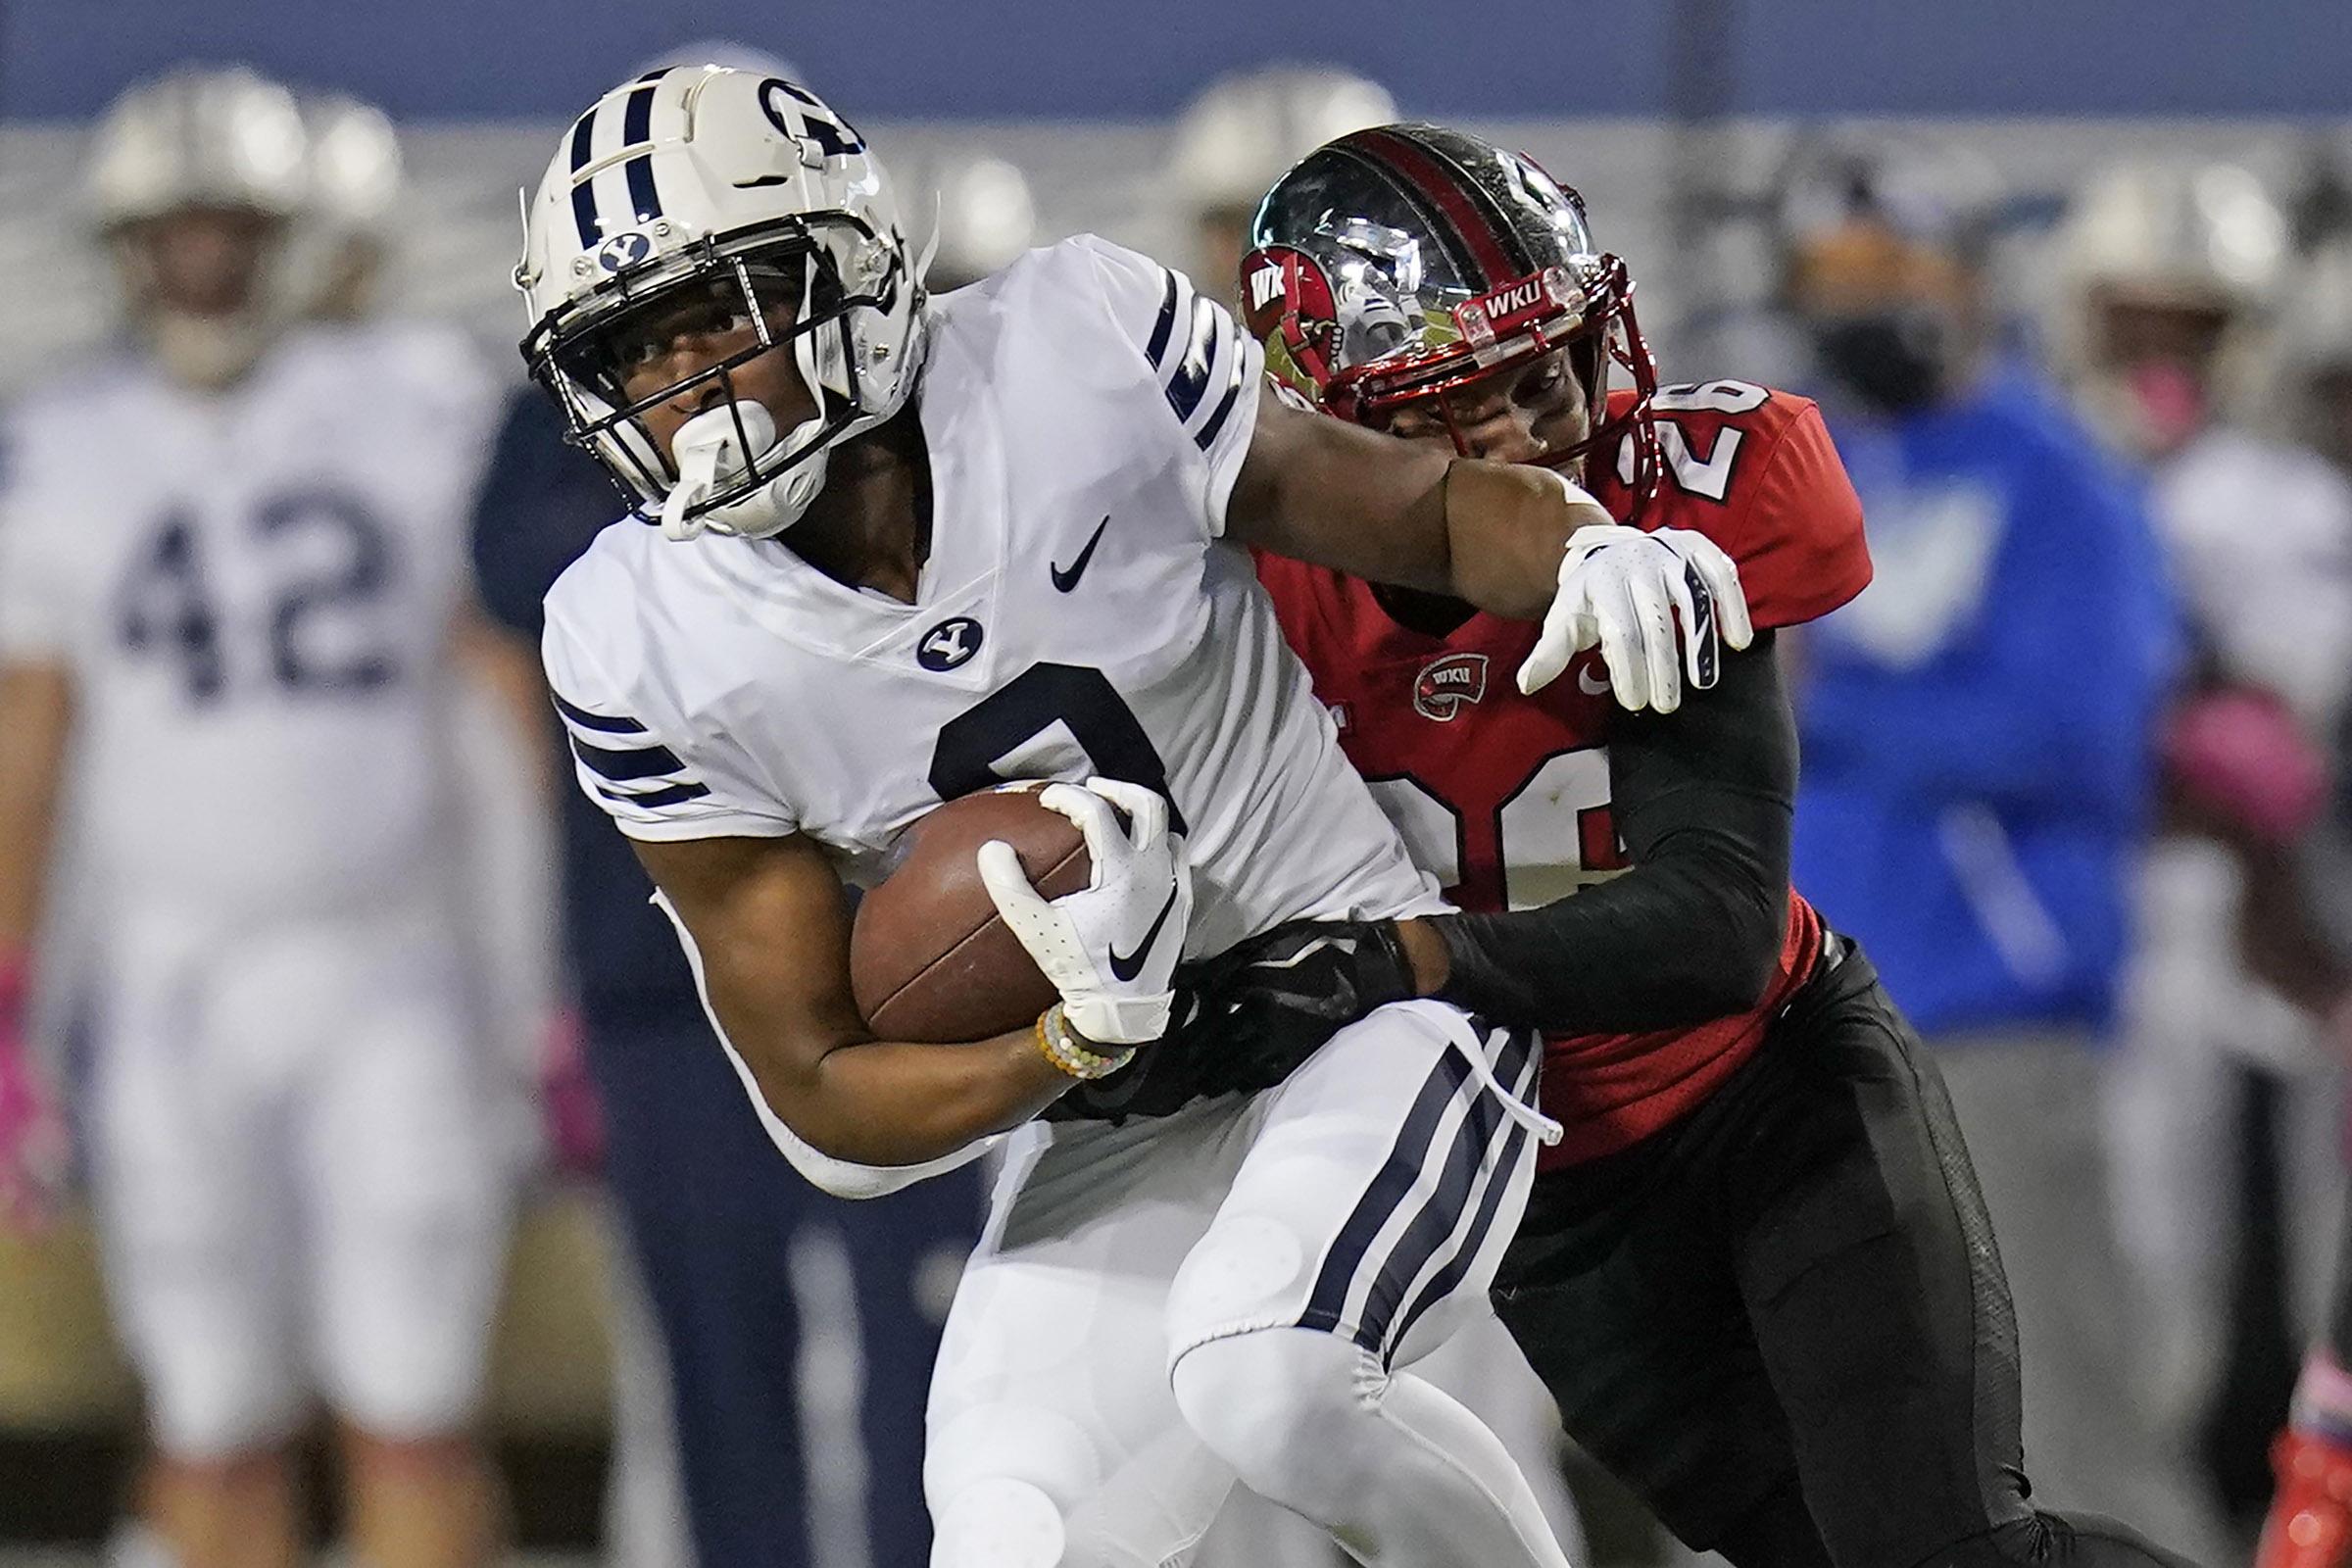 NCAA Football: Western Kentucky at BYU